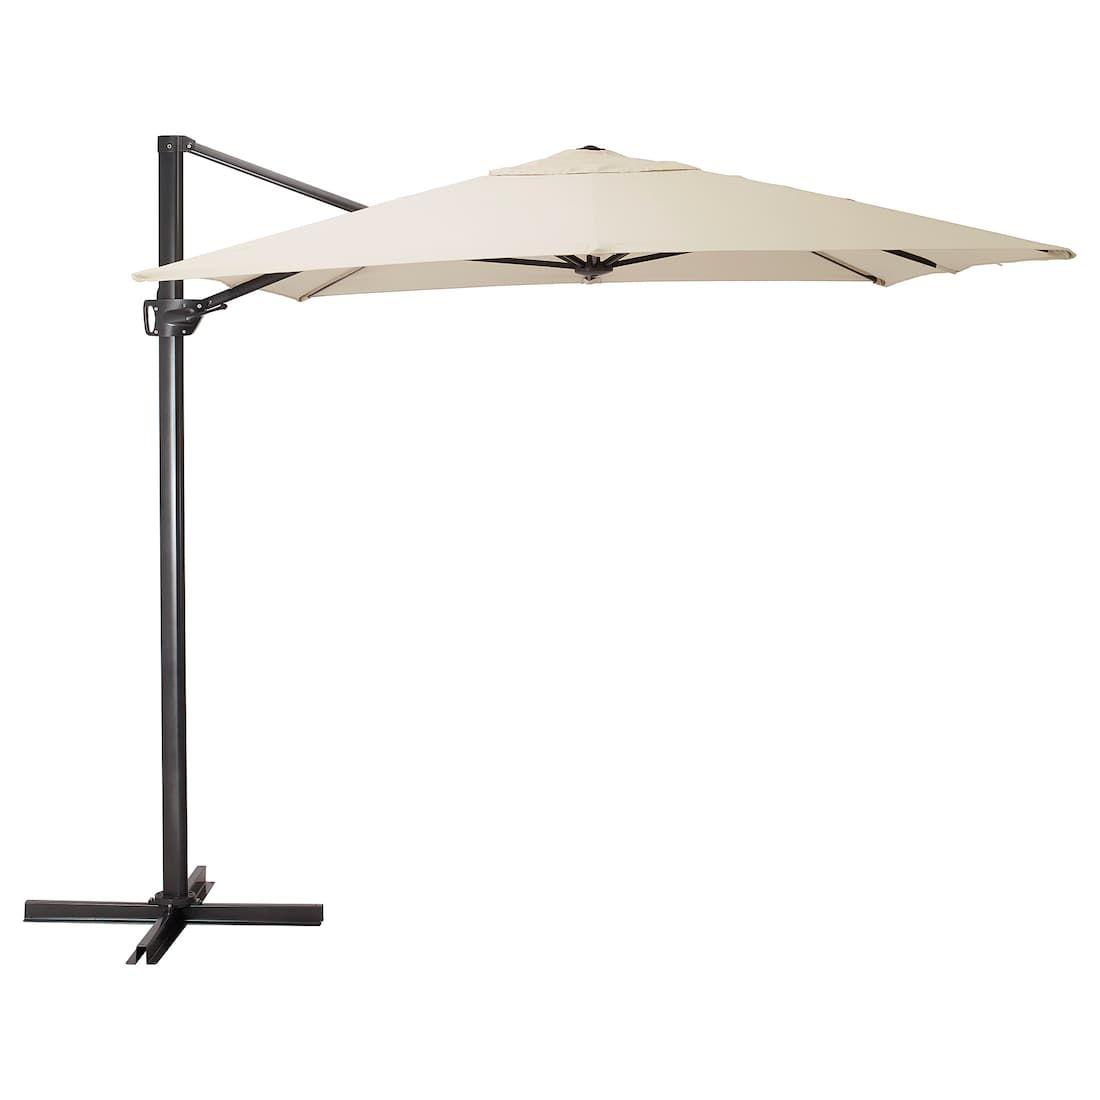 Ikea Seglaro Beige Tilting Umbrella